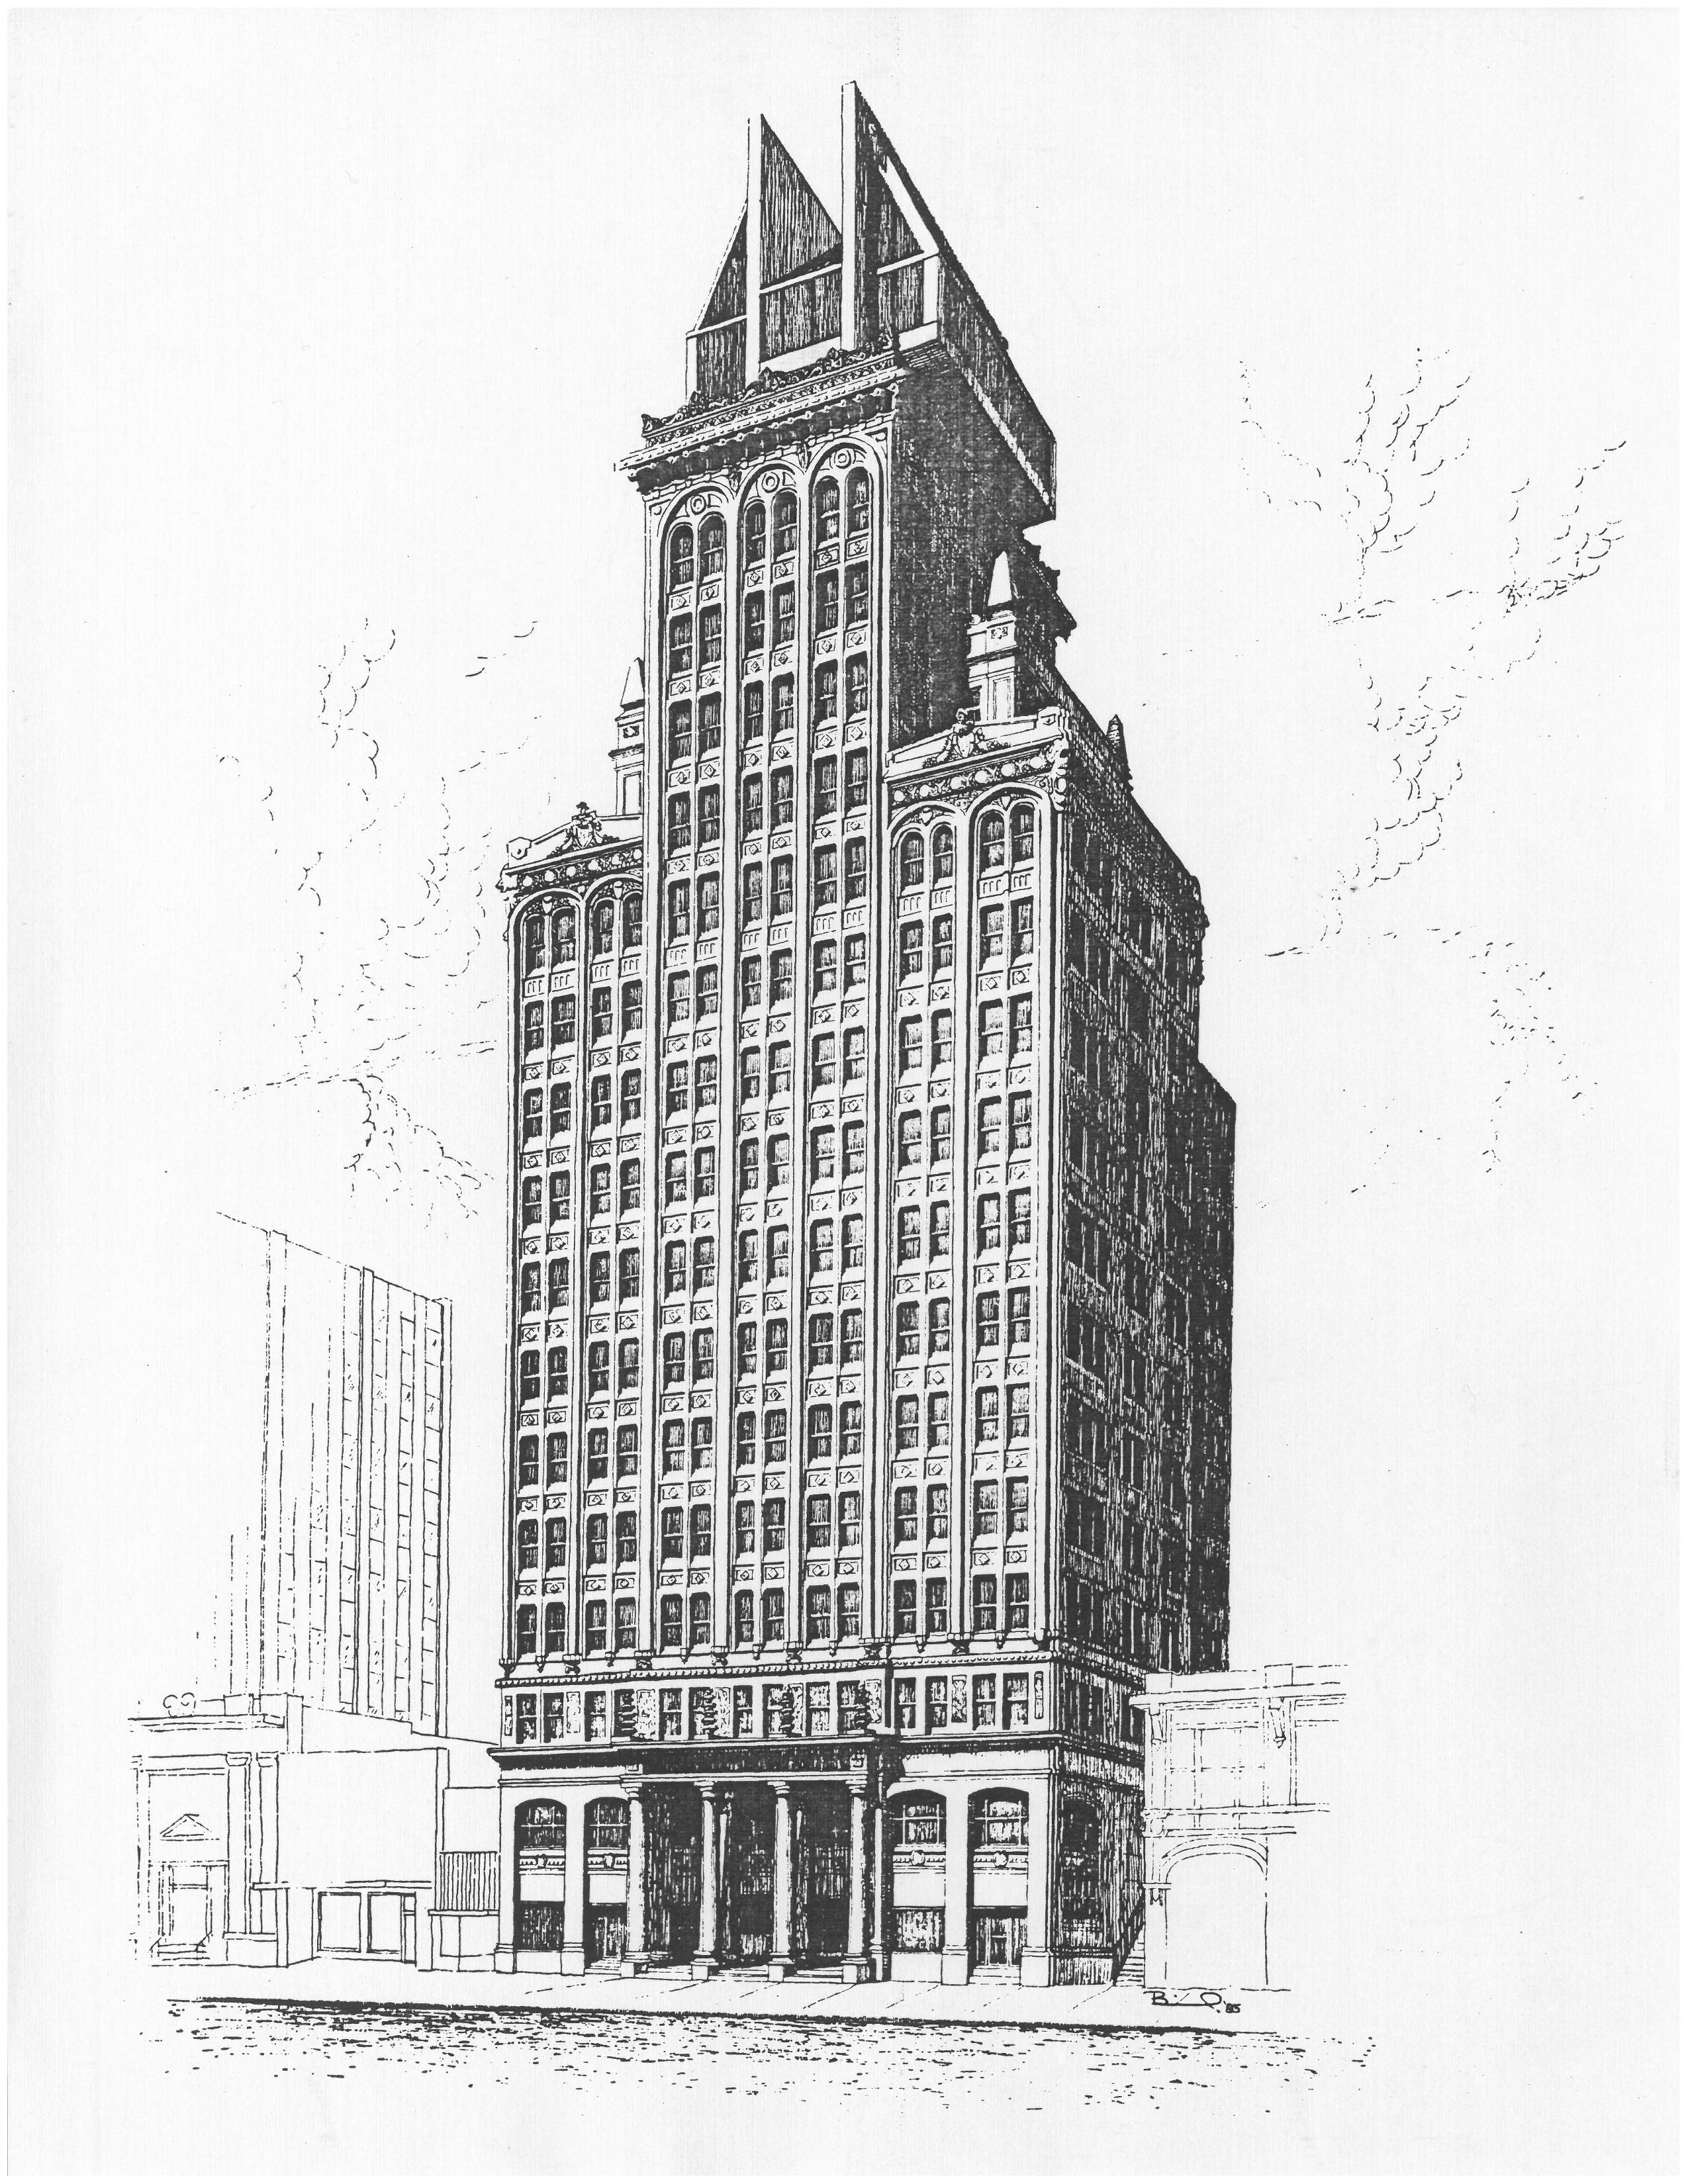 Artist's Rendering of Building